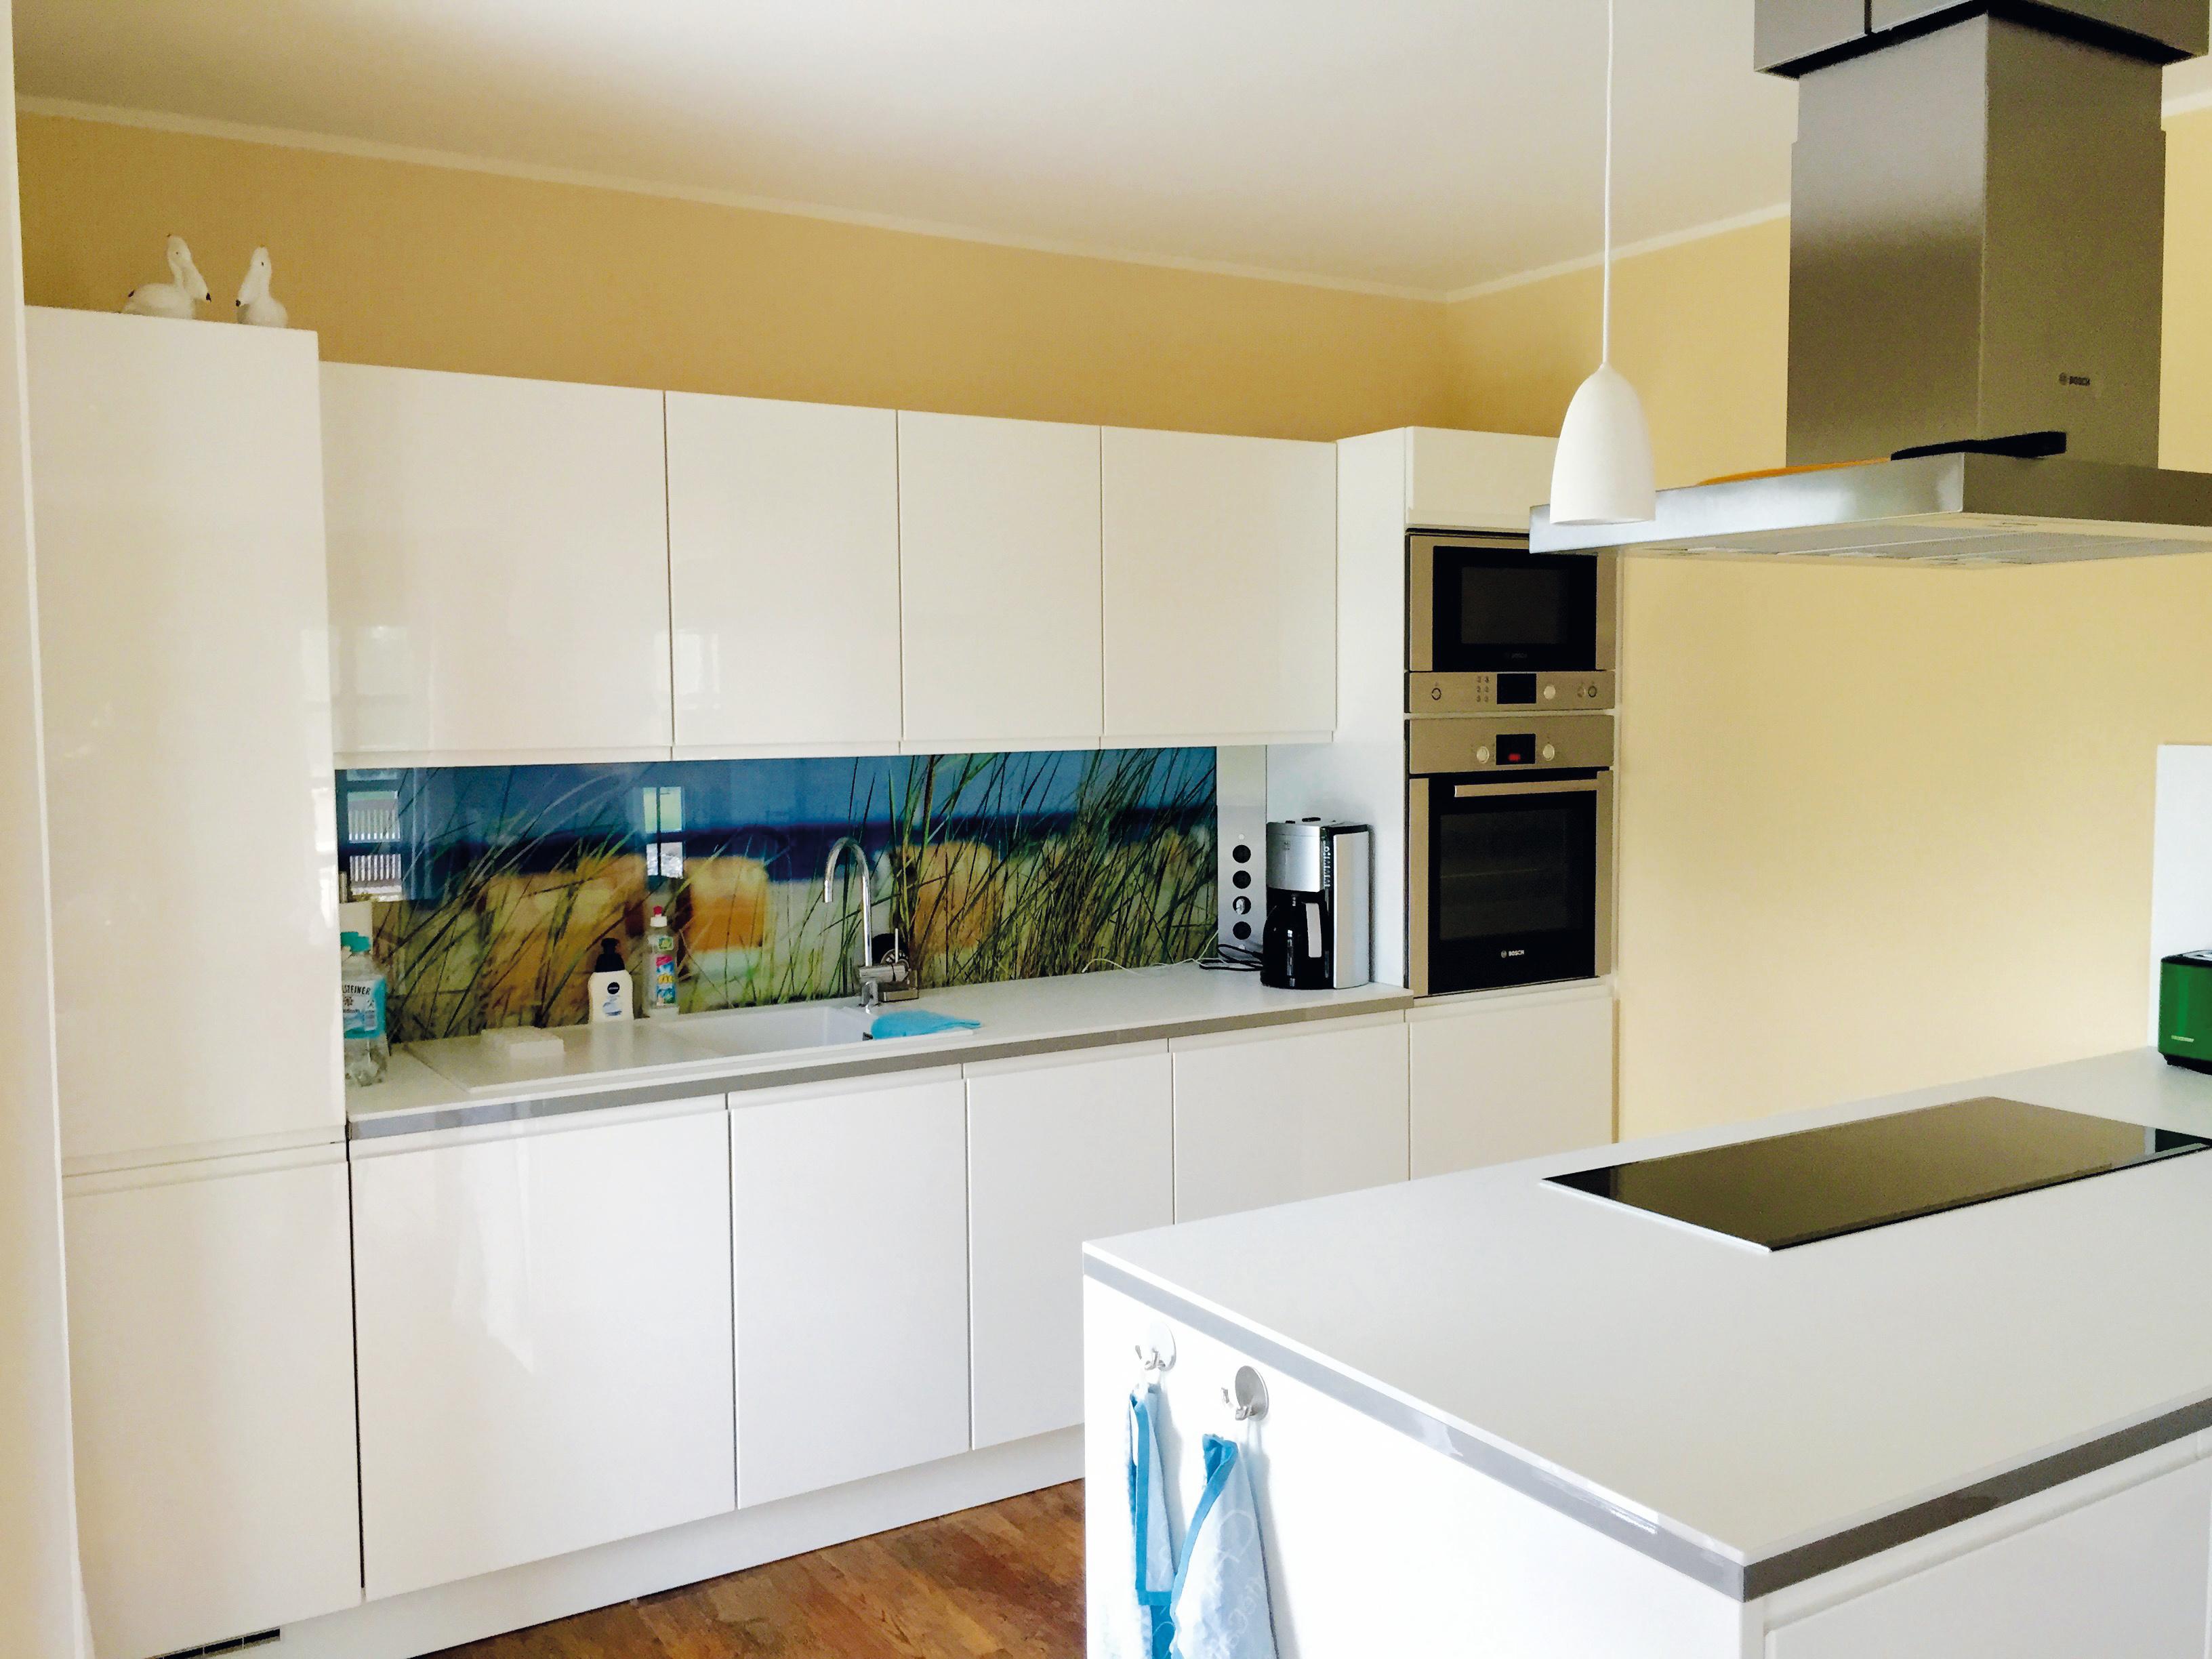 Küche mit Bosch Haushaltsgeräten